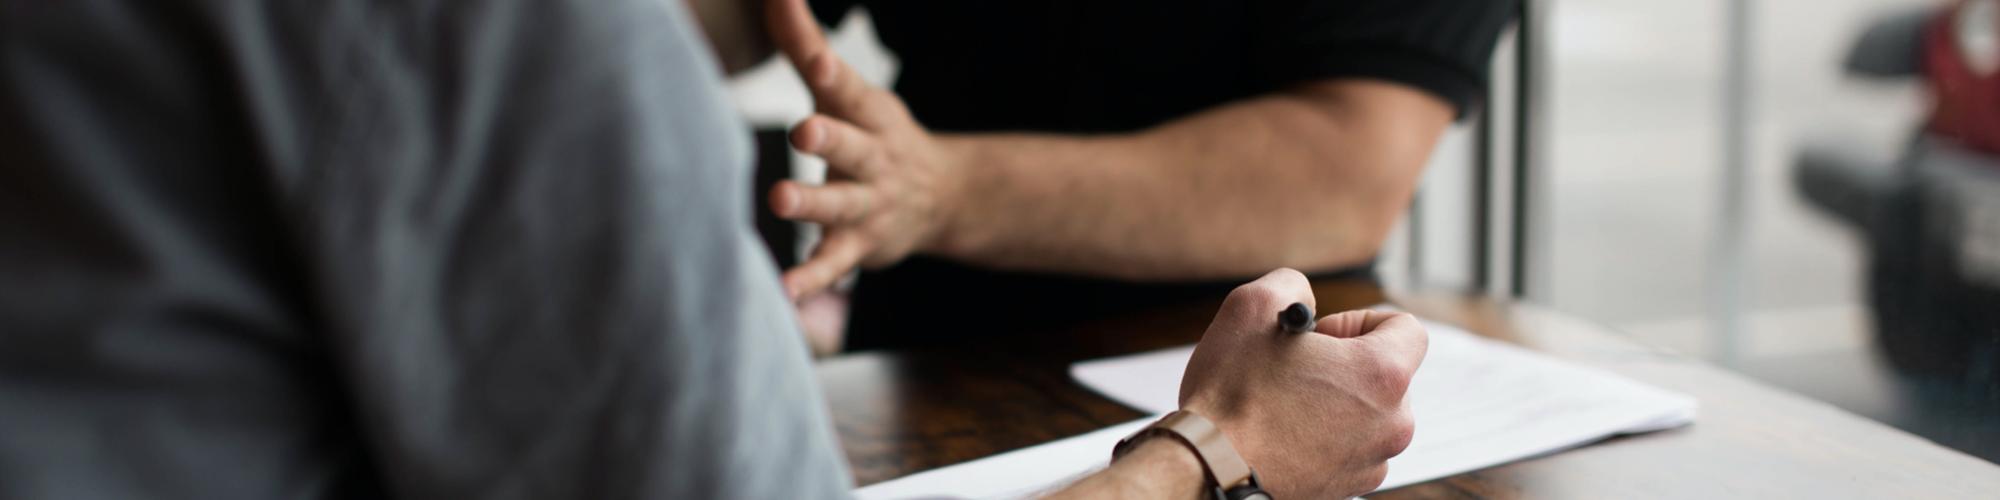 장기적 관점의 리텐션 마케팅 사례 4가지